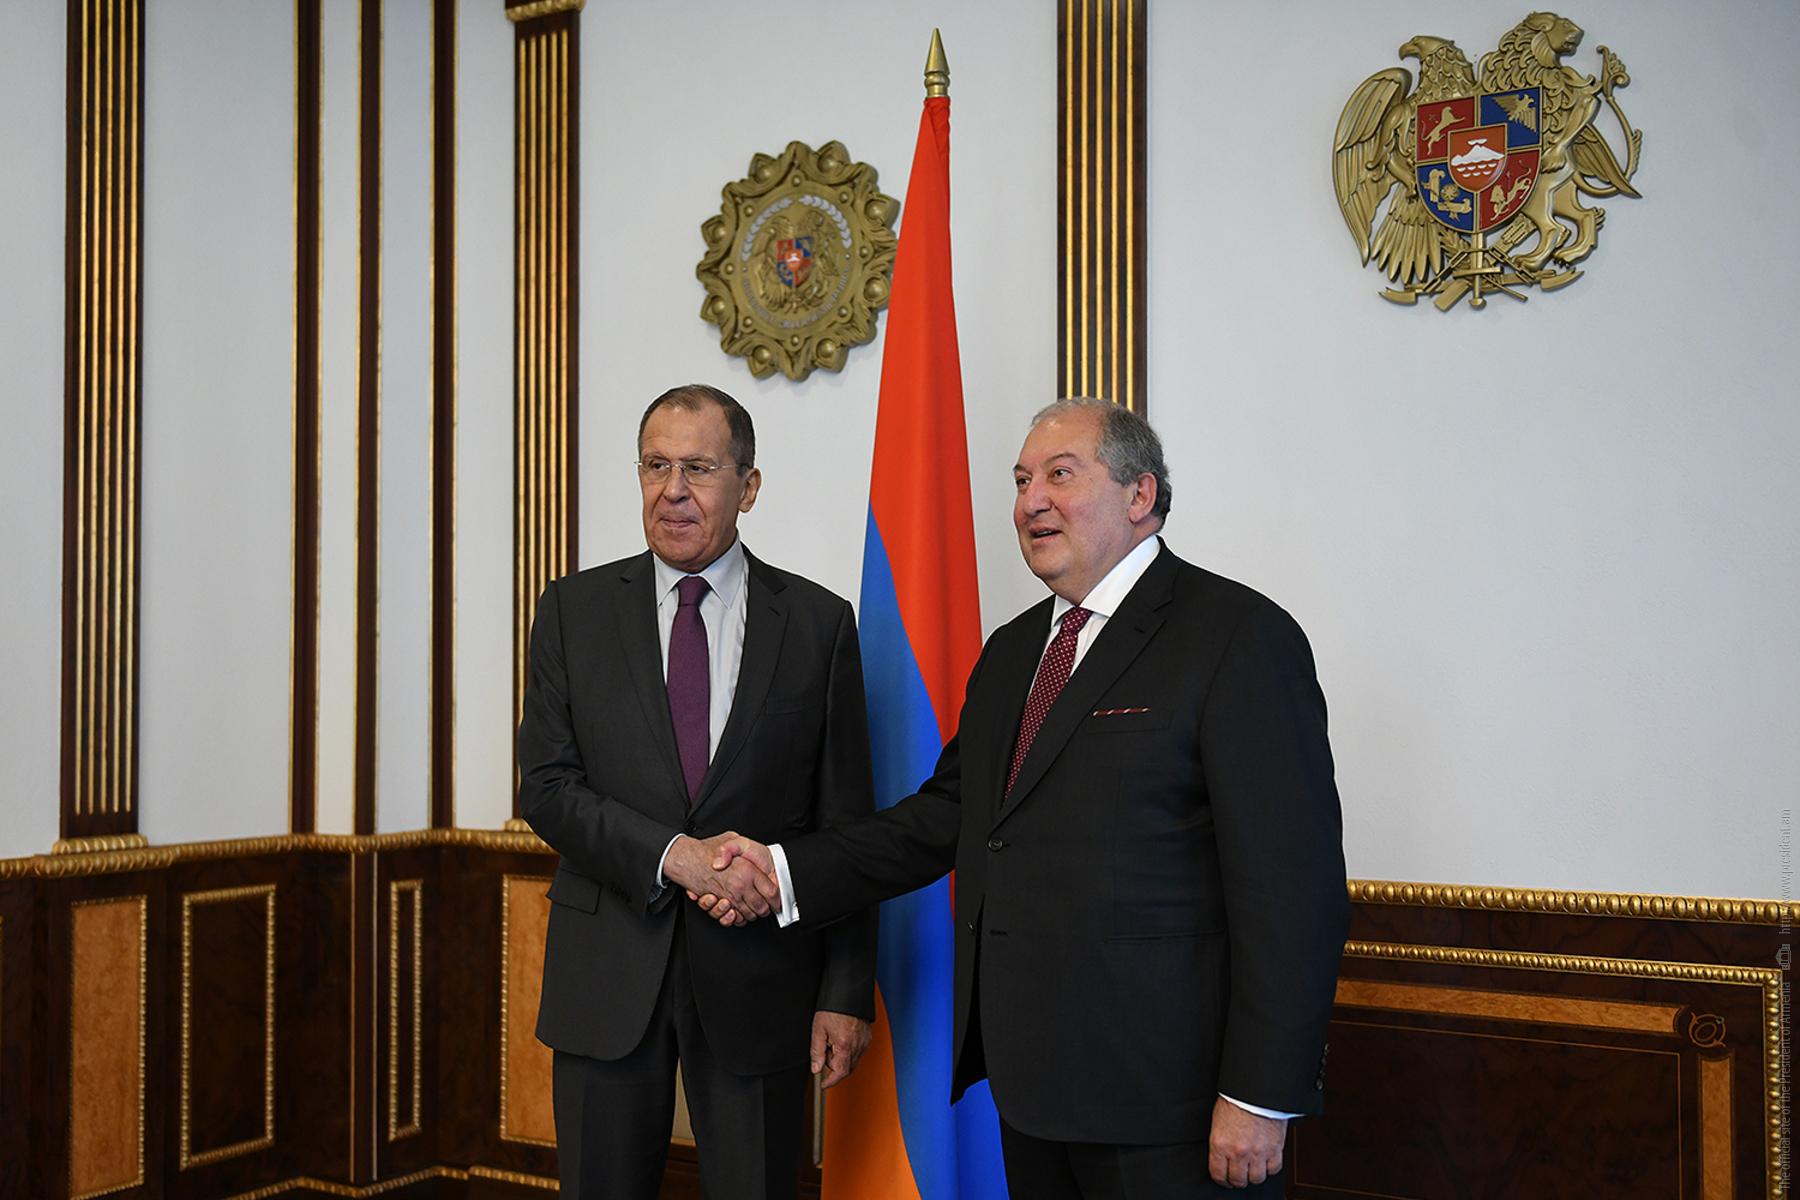 Նախագահ Արմեն Սարգսյանը հյուրընկալել է ՌԴ ԱԳ նախարար Սերգեյ Լավրովին